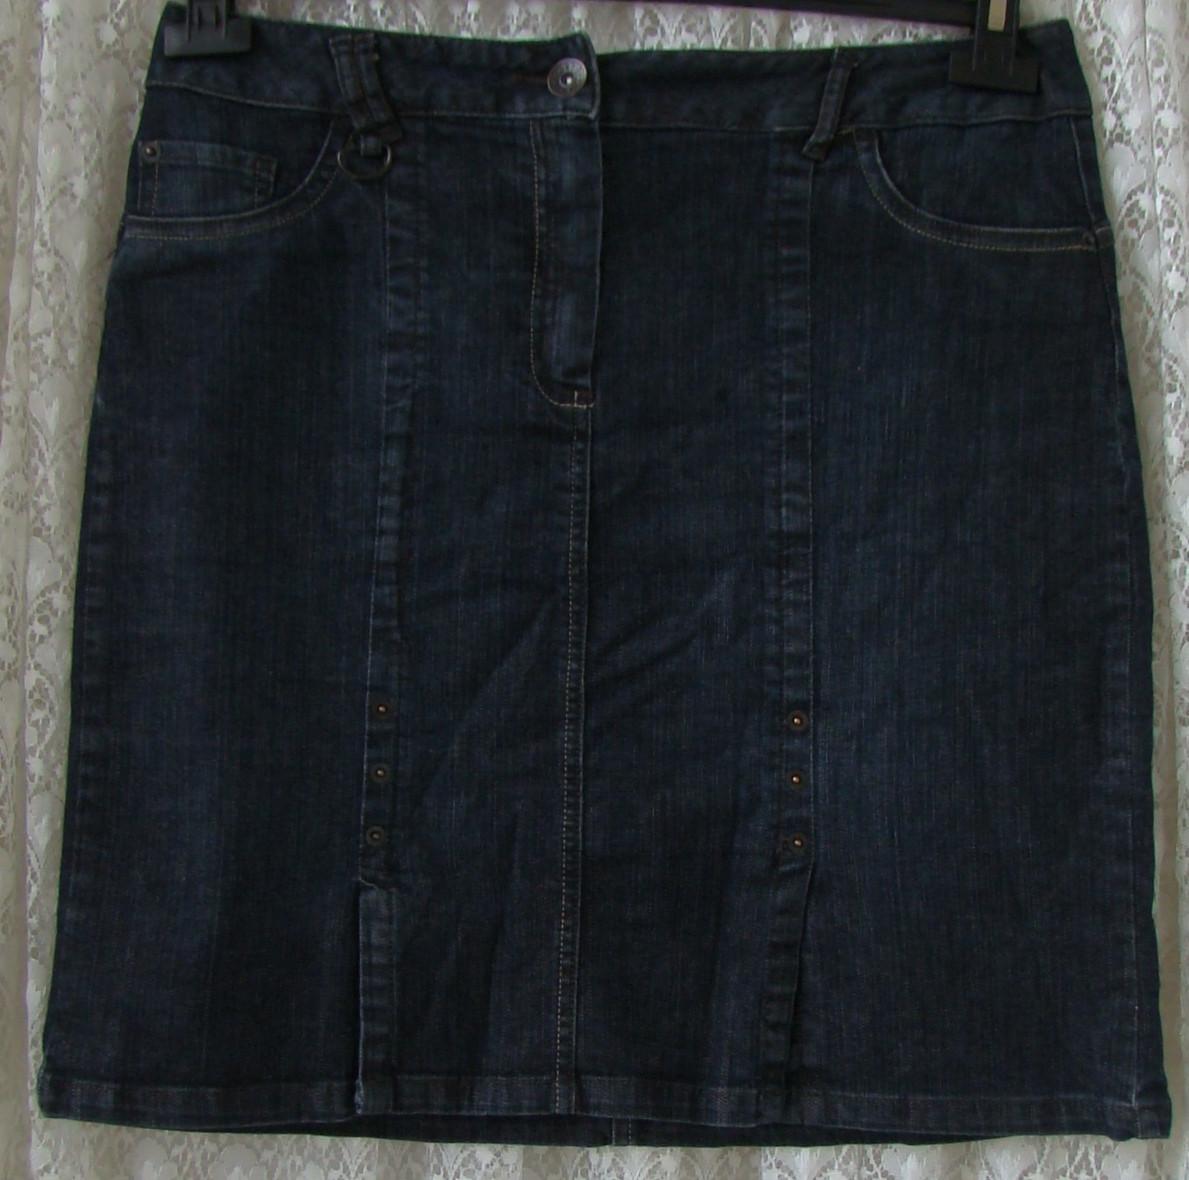 Юбка женская джинсовая модная демисезонная миди First Choice р.48 6334а, фото 1